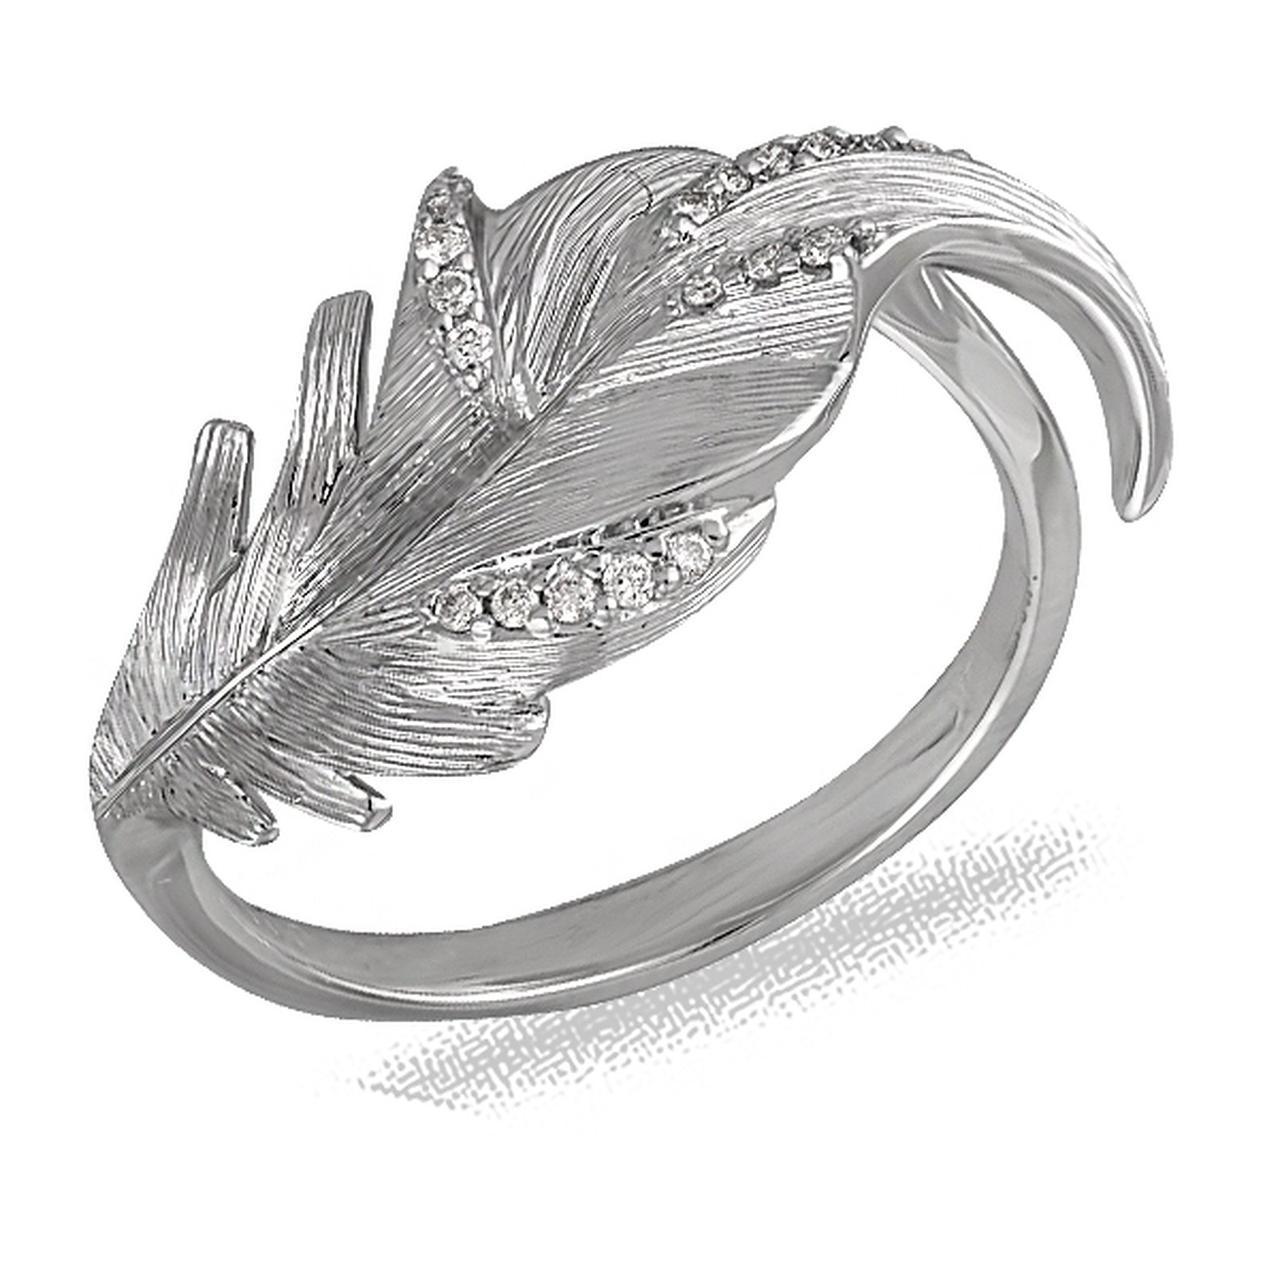 Золотое кольцо с бриллиантами, размер 16.5 (032175)